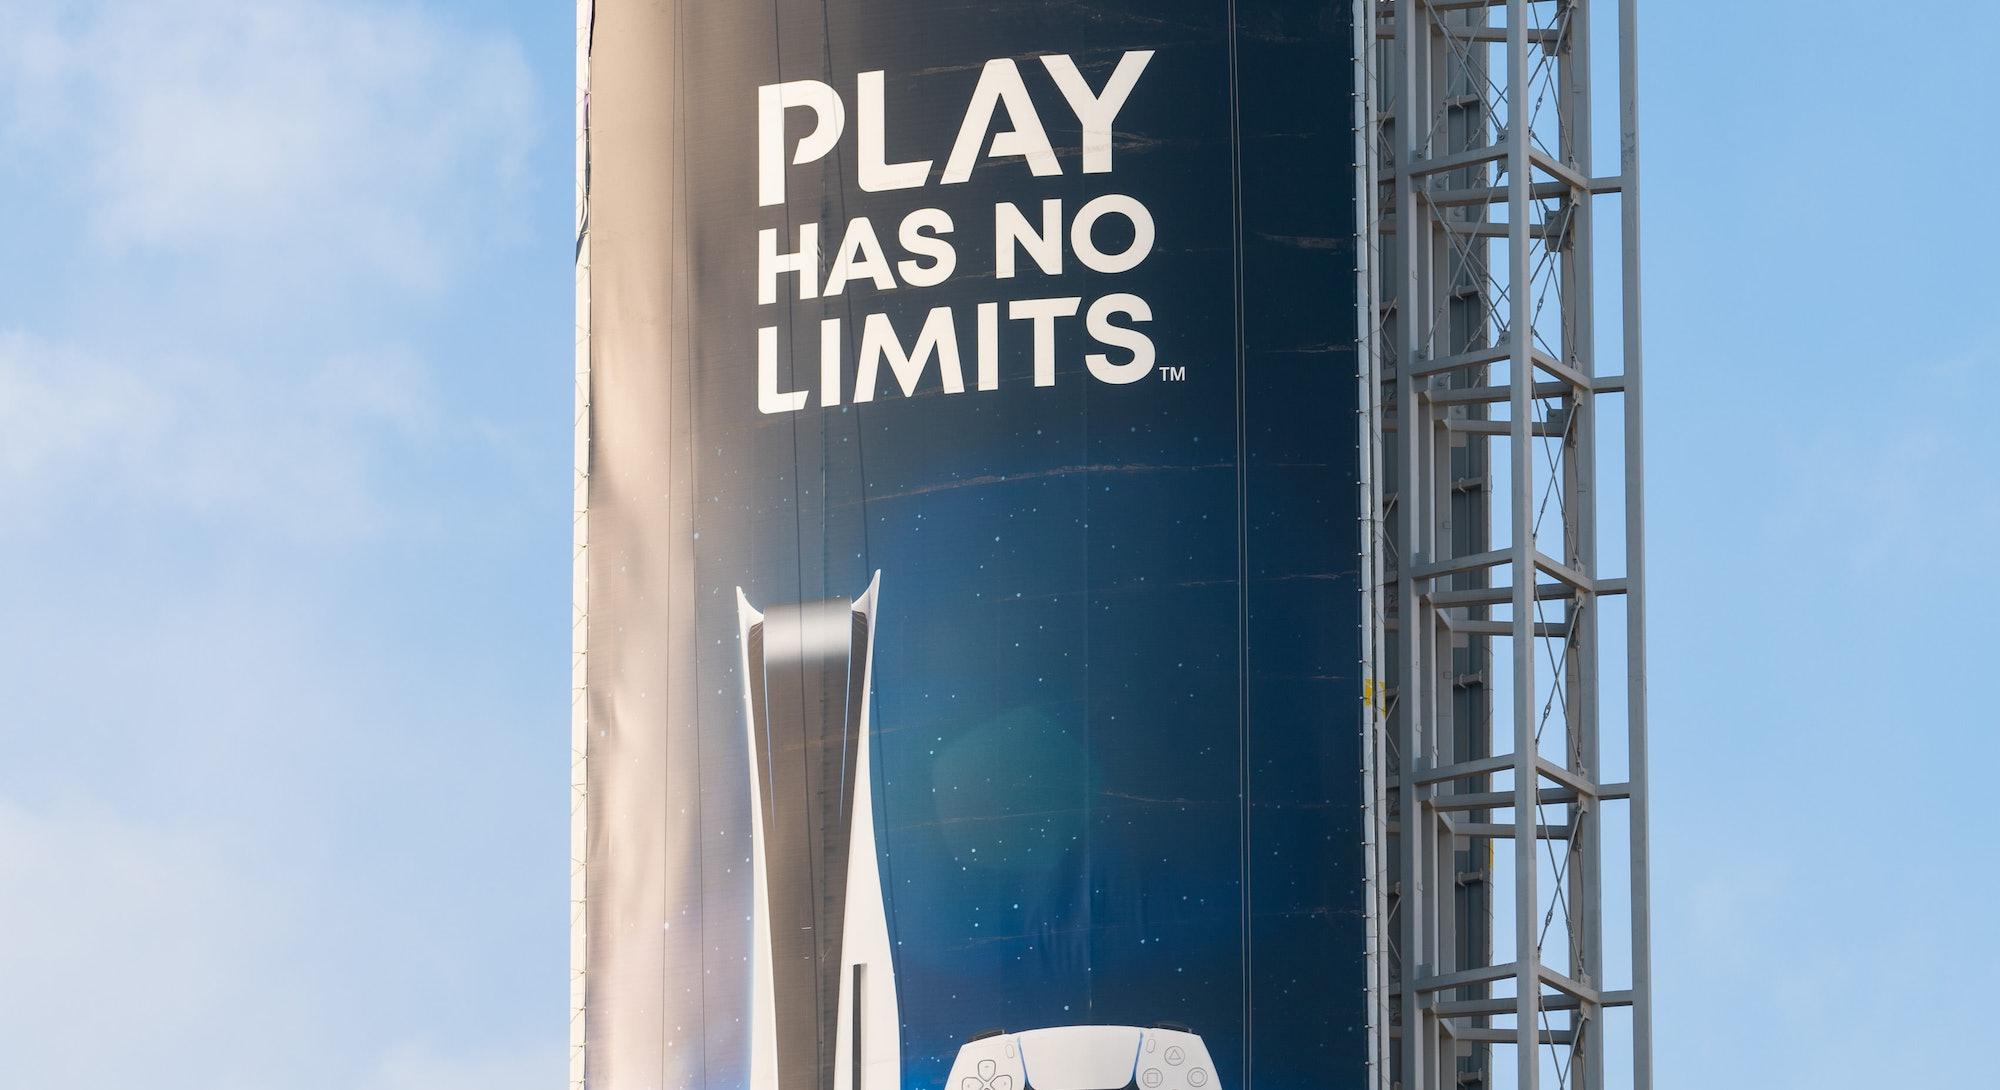 HOLLYWOOD, CA - NOVEMBER 08: General views of the new Sony PlayStation 5 billboard at Hollywood & Hi...